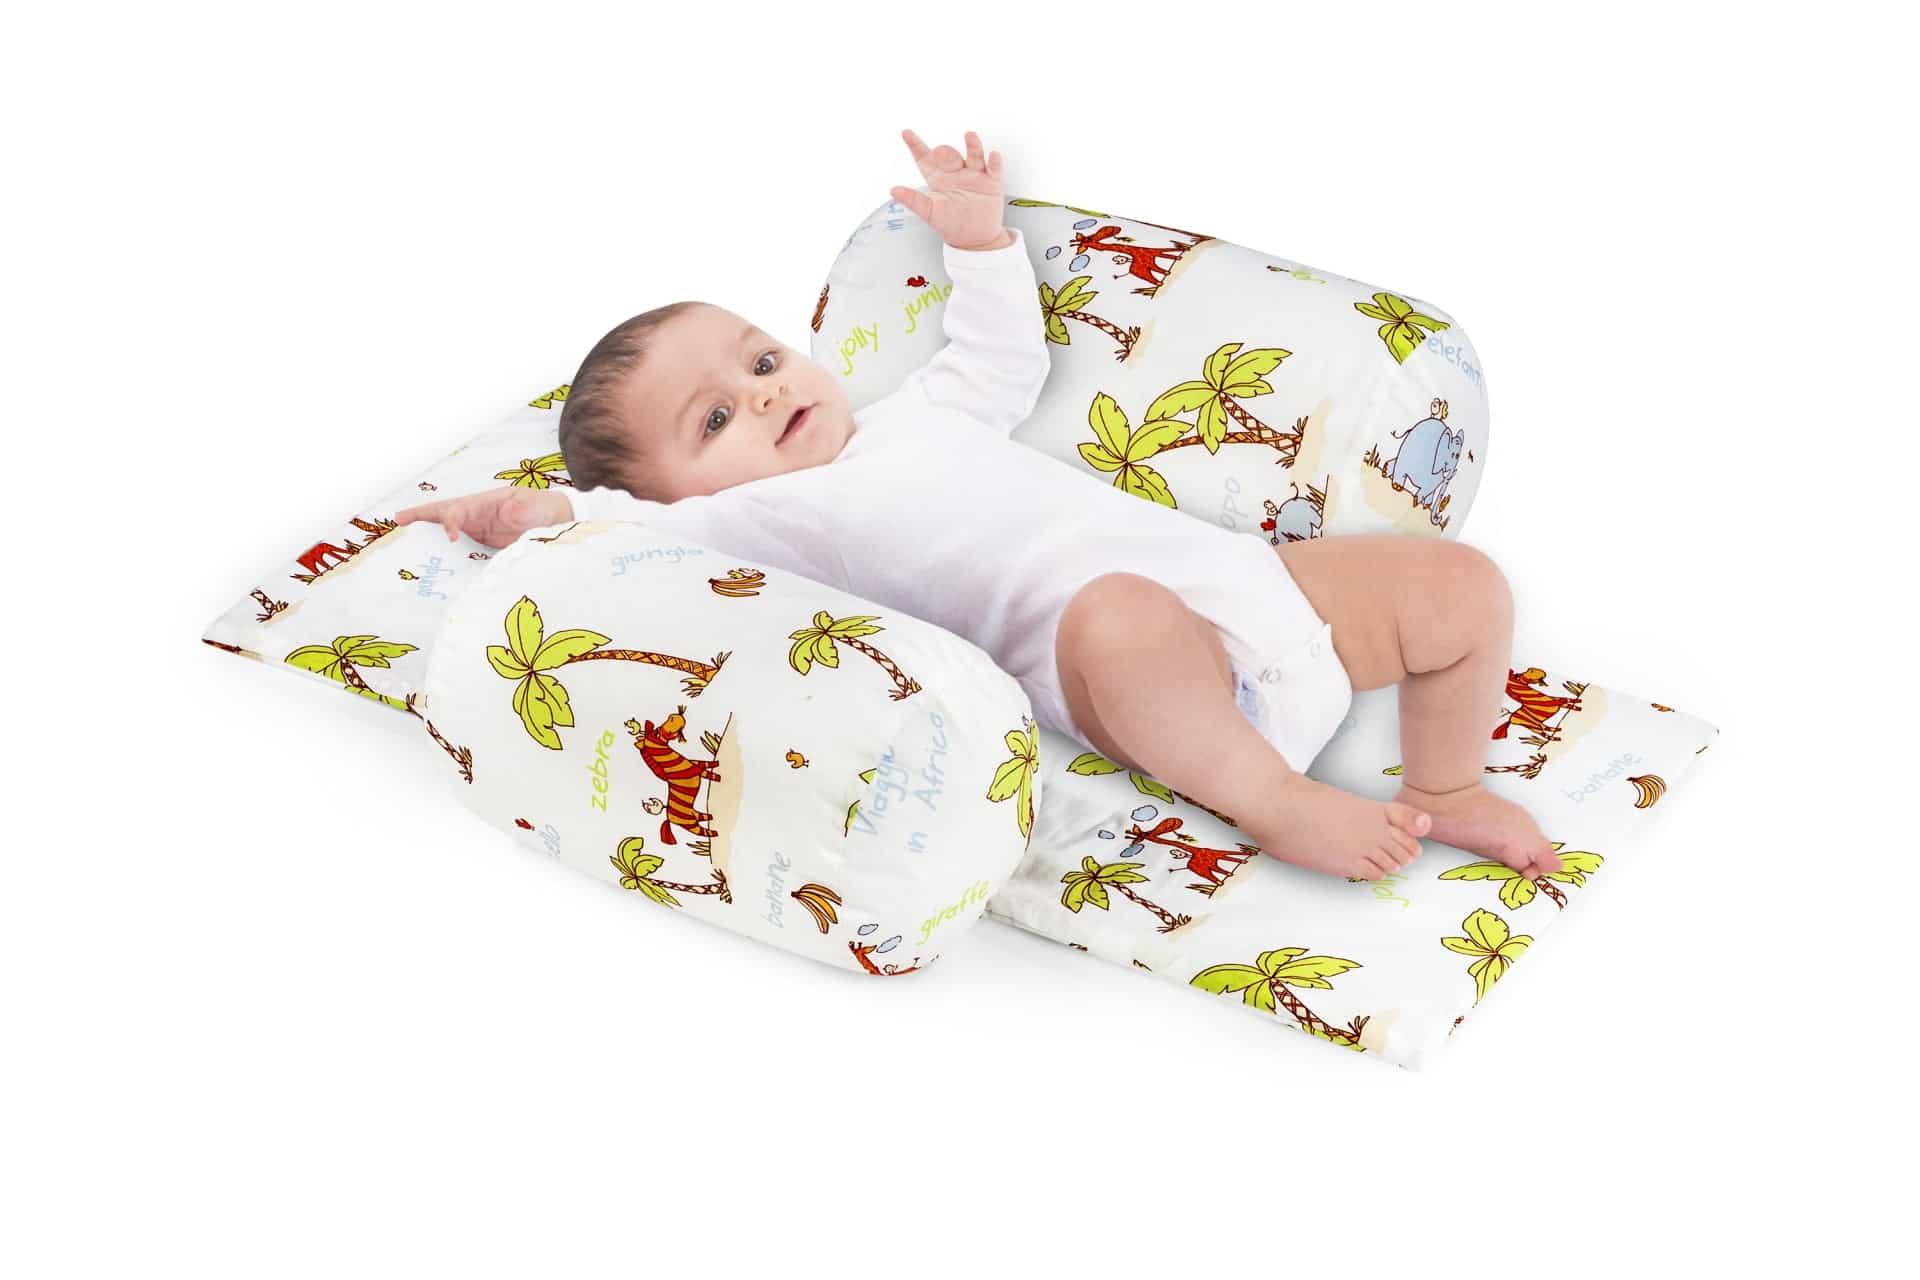 Suport de siguranta cu paturica impermeabila pentru bebelusi model Jungle imagine 2021 somnart.ro